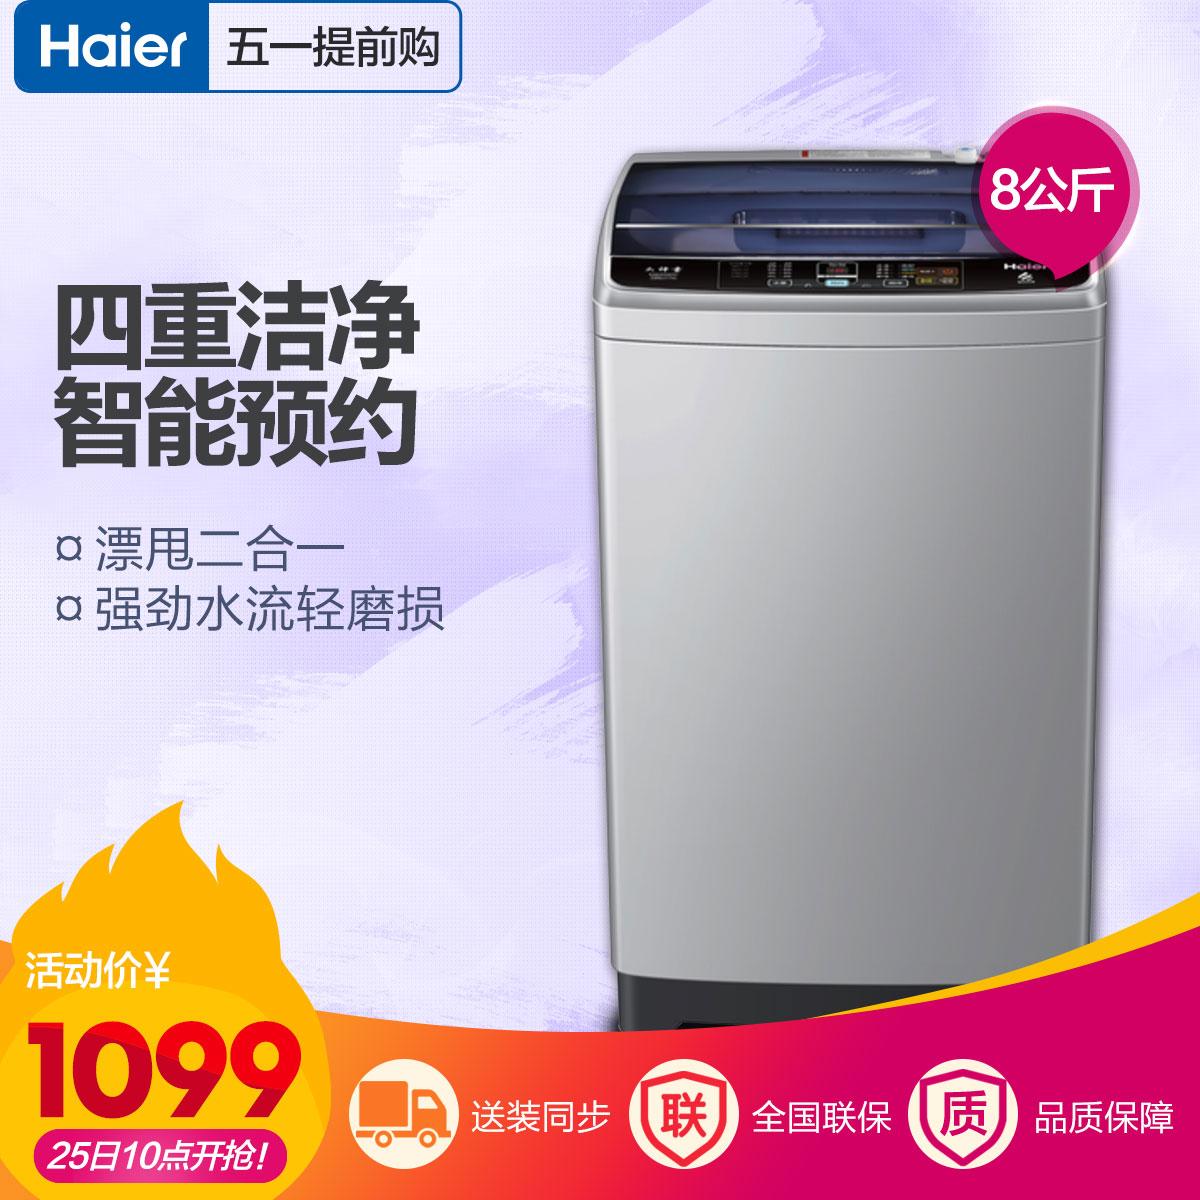 Haier/海尔 波轮洗衣机 EB80M39TH